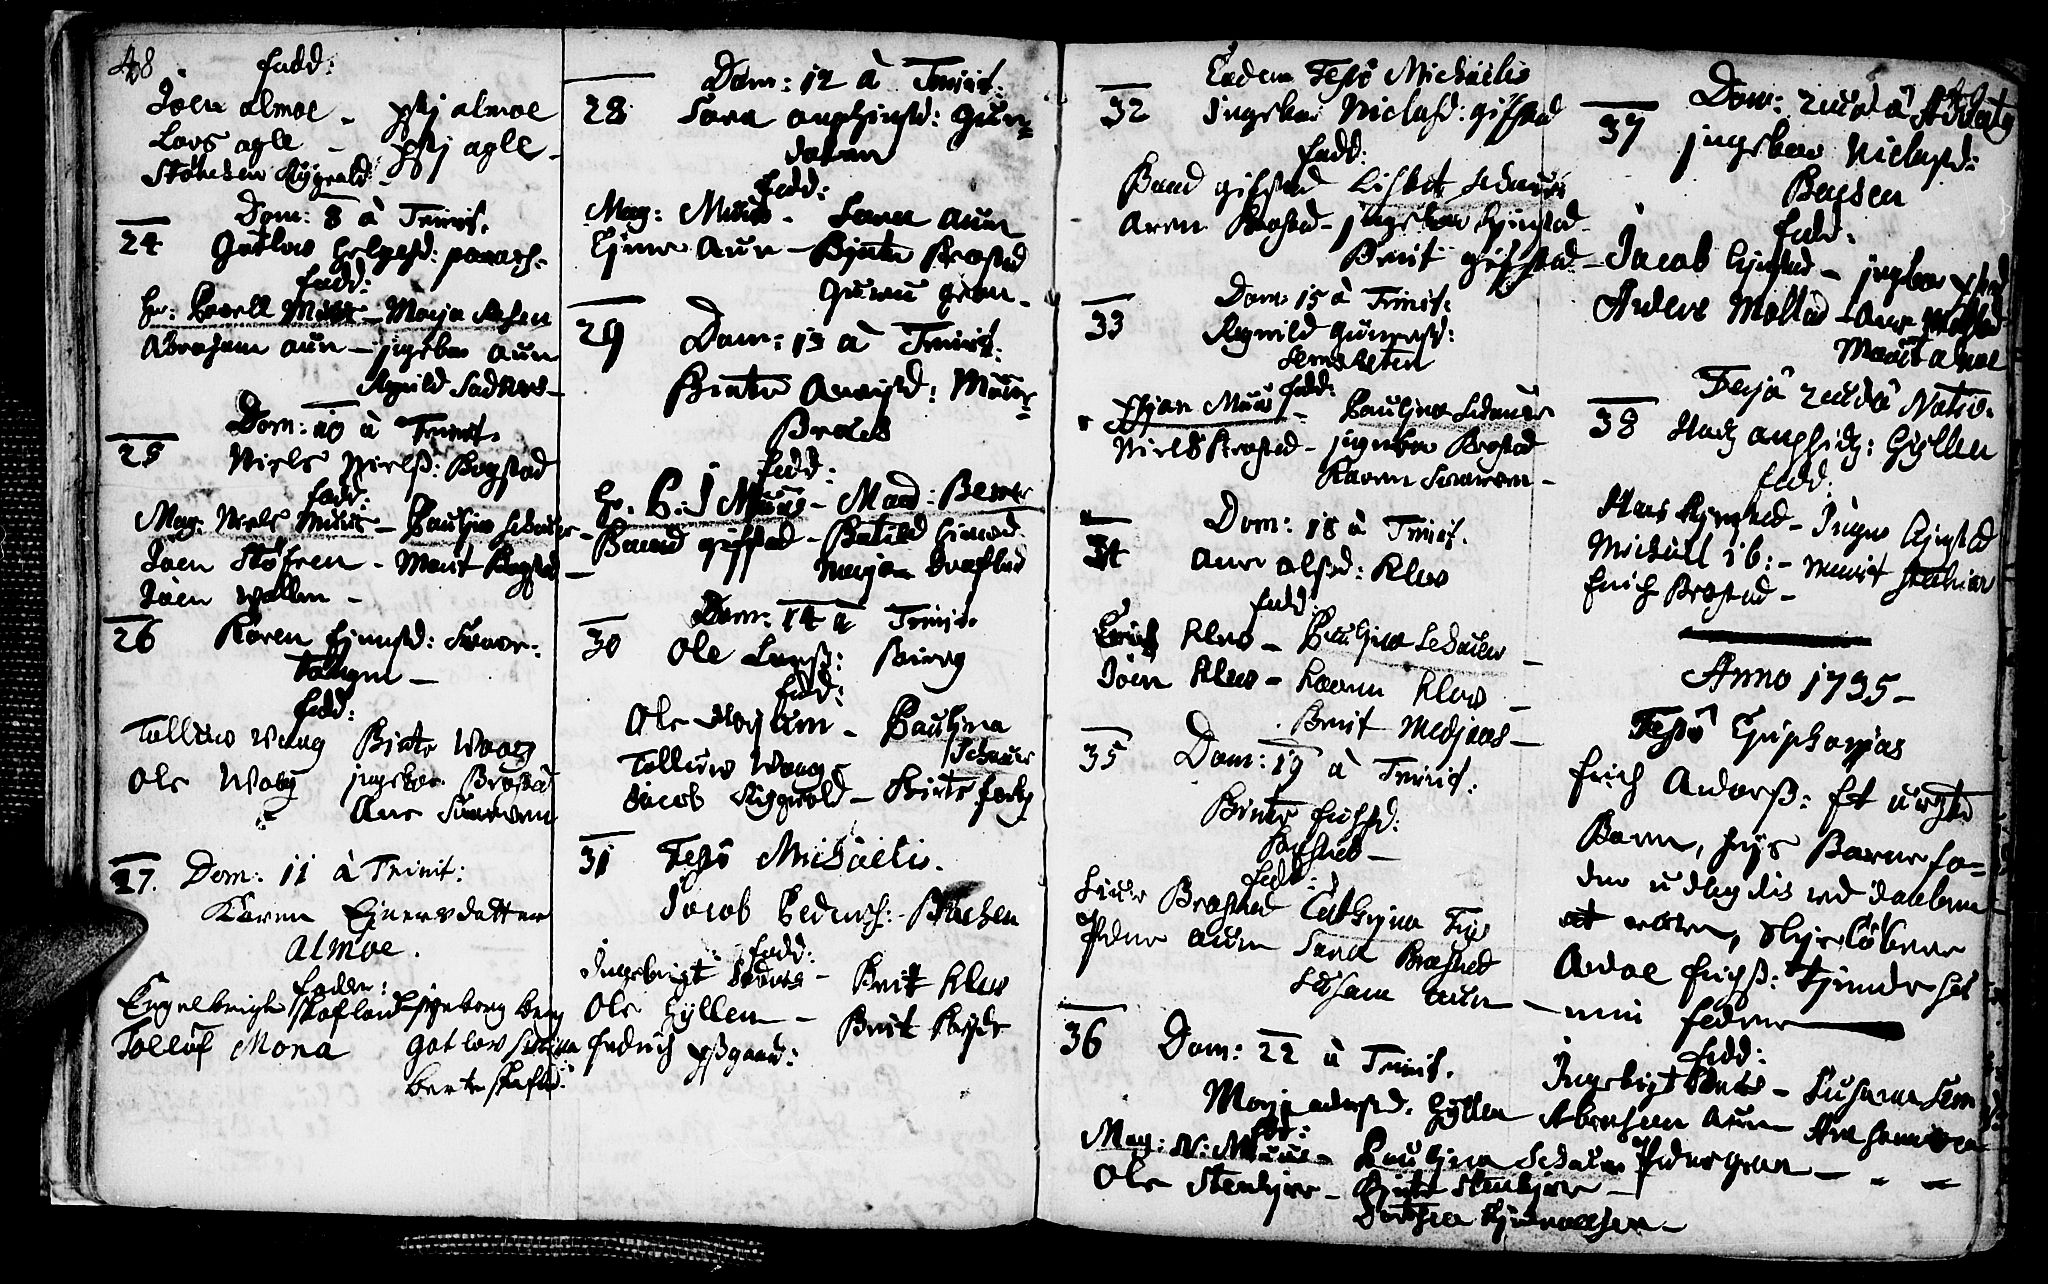 SAT, Ministerialprotokoller, klokkerbøker og fødselsregistre - Nord-Trøndelag, 749/L0467: Ministerialbok nr. 749A01, 1733-1787, s. 48-49